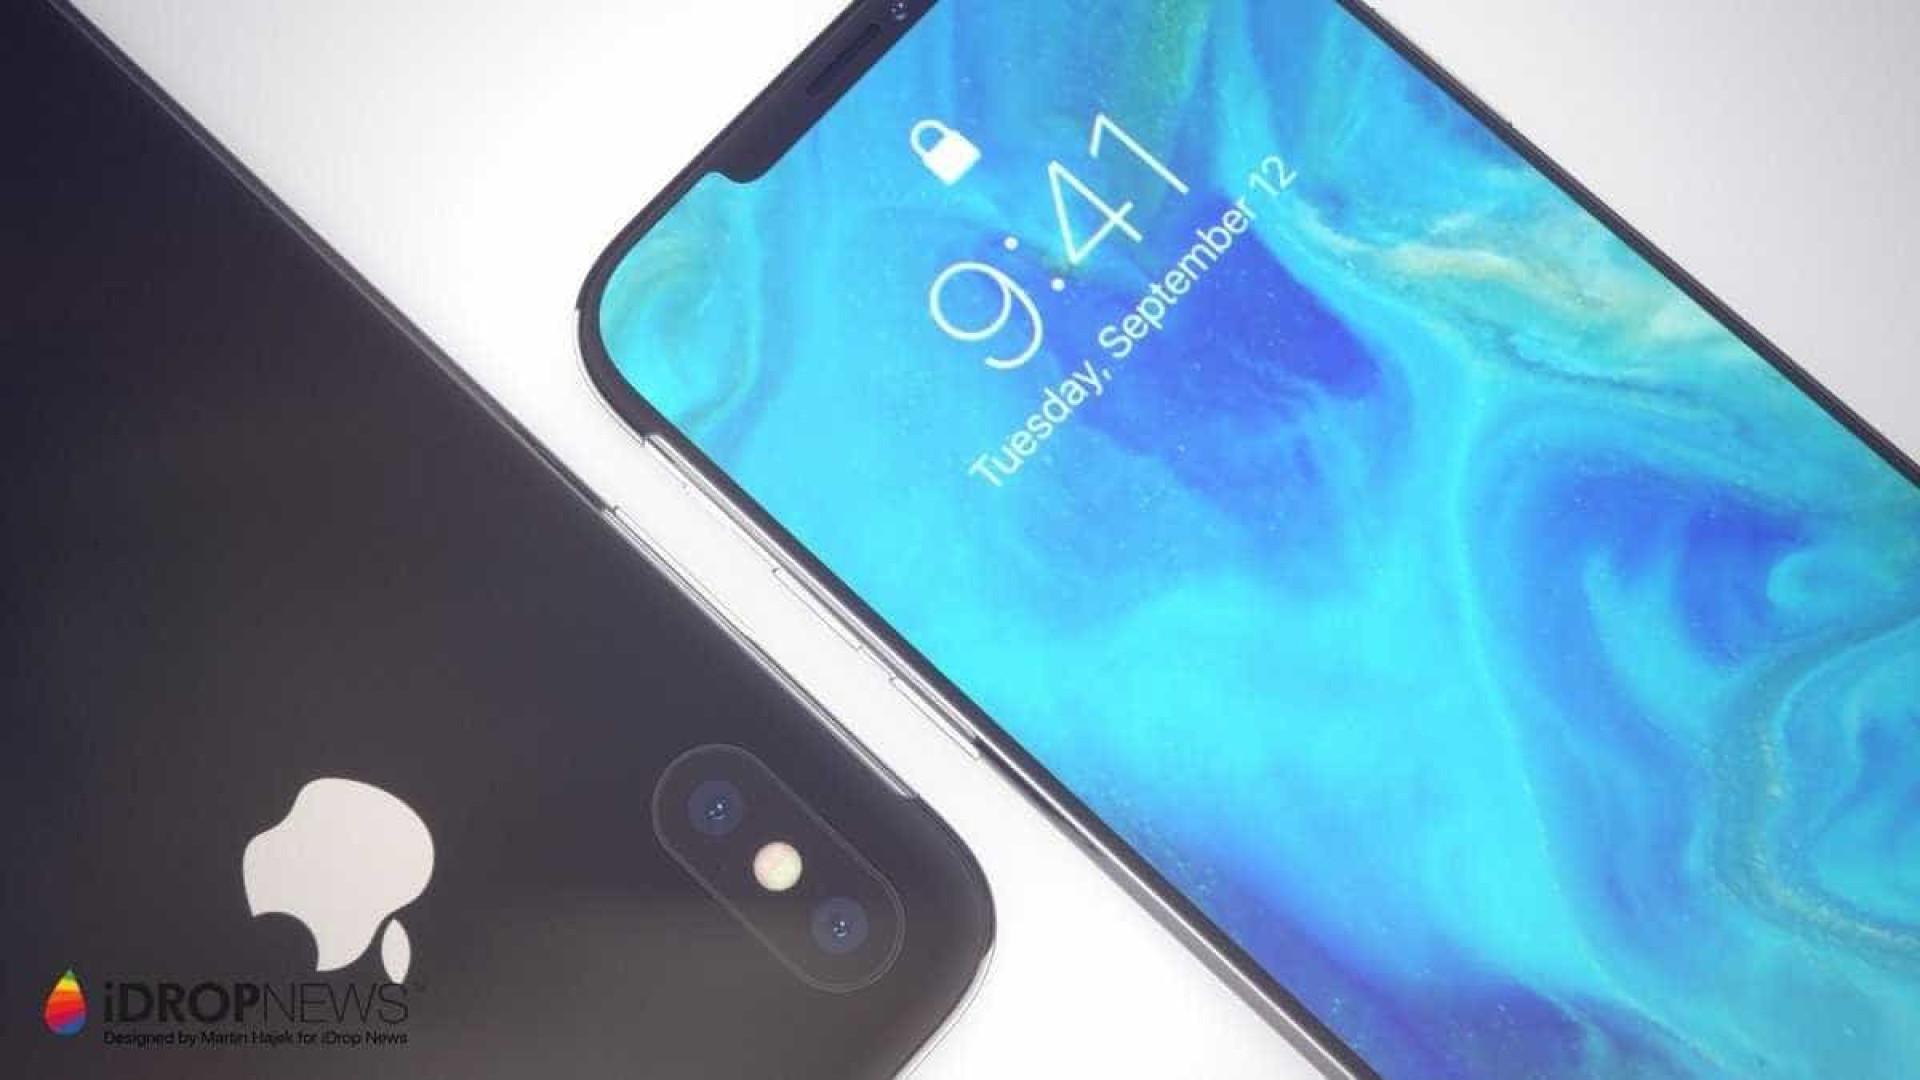 Imagens mostram o que pode ser o sucessor do iPhone X